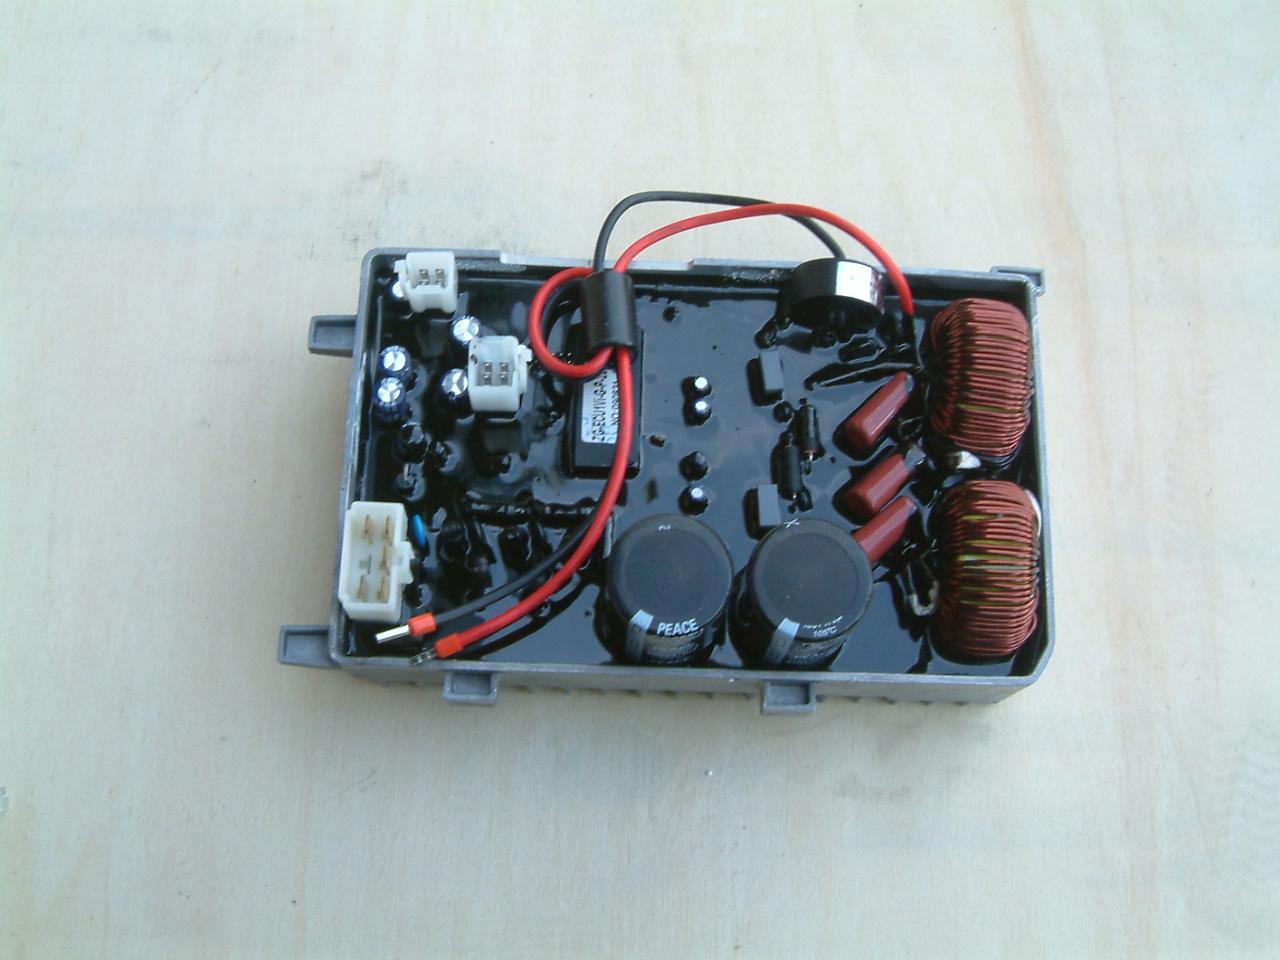 Kipor ig2600 parts